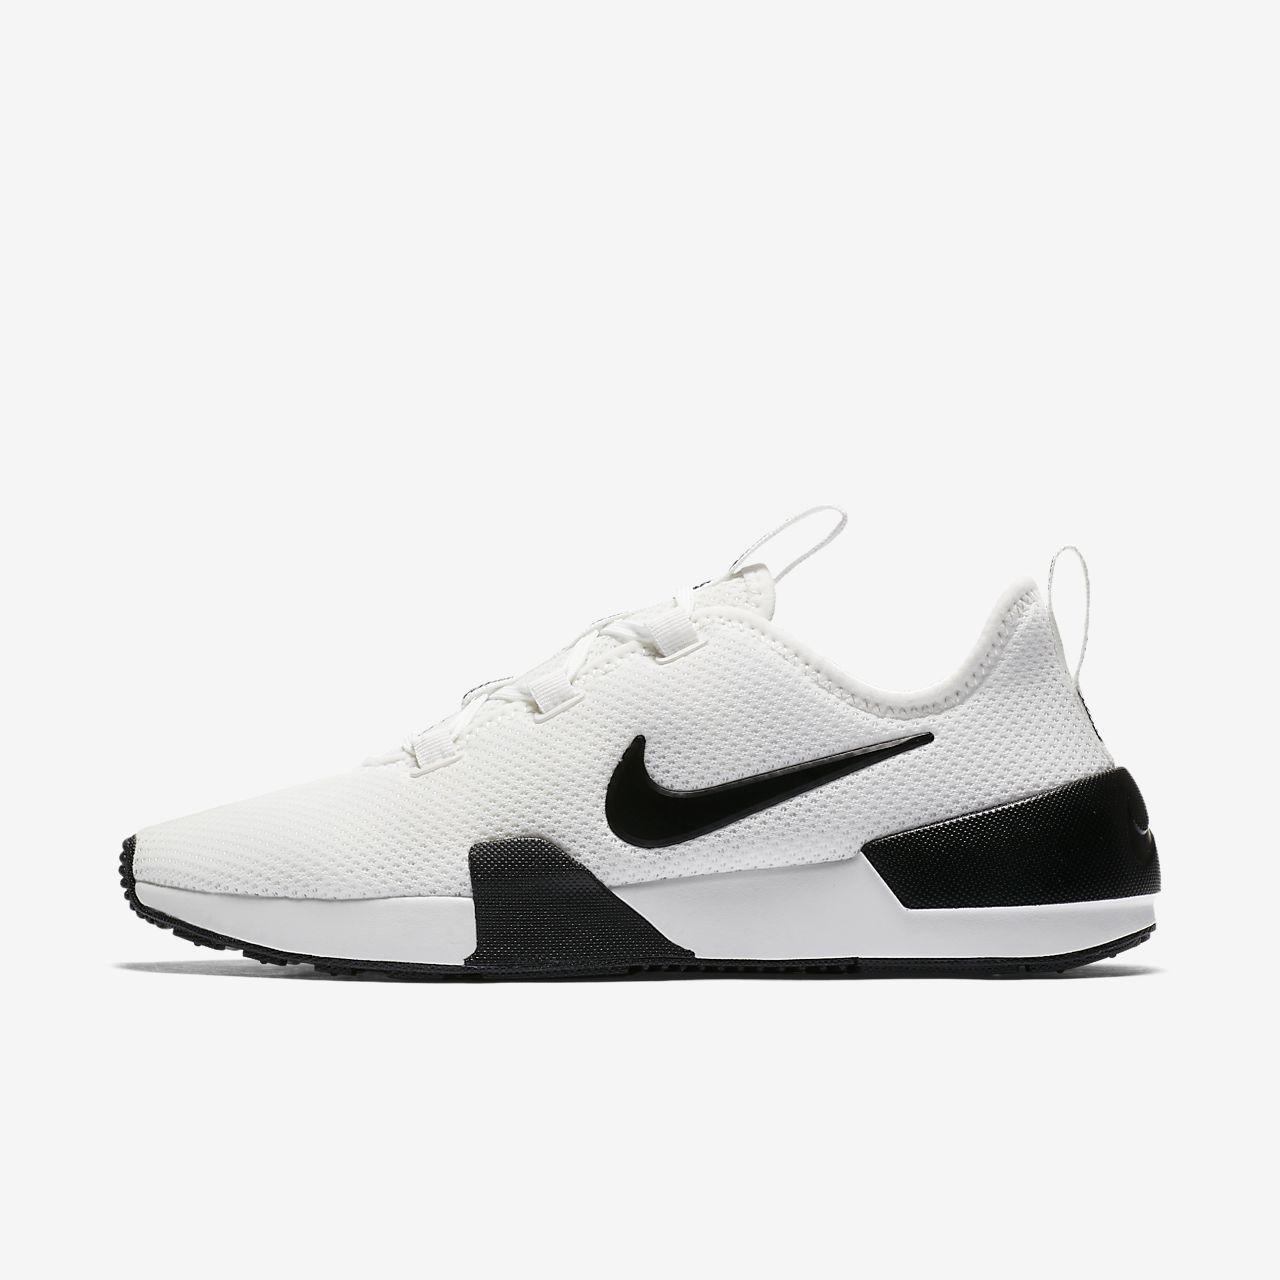 Nike Ashin Modern Run Damenschuh - Weiß zdRyOL3